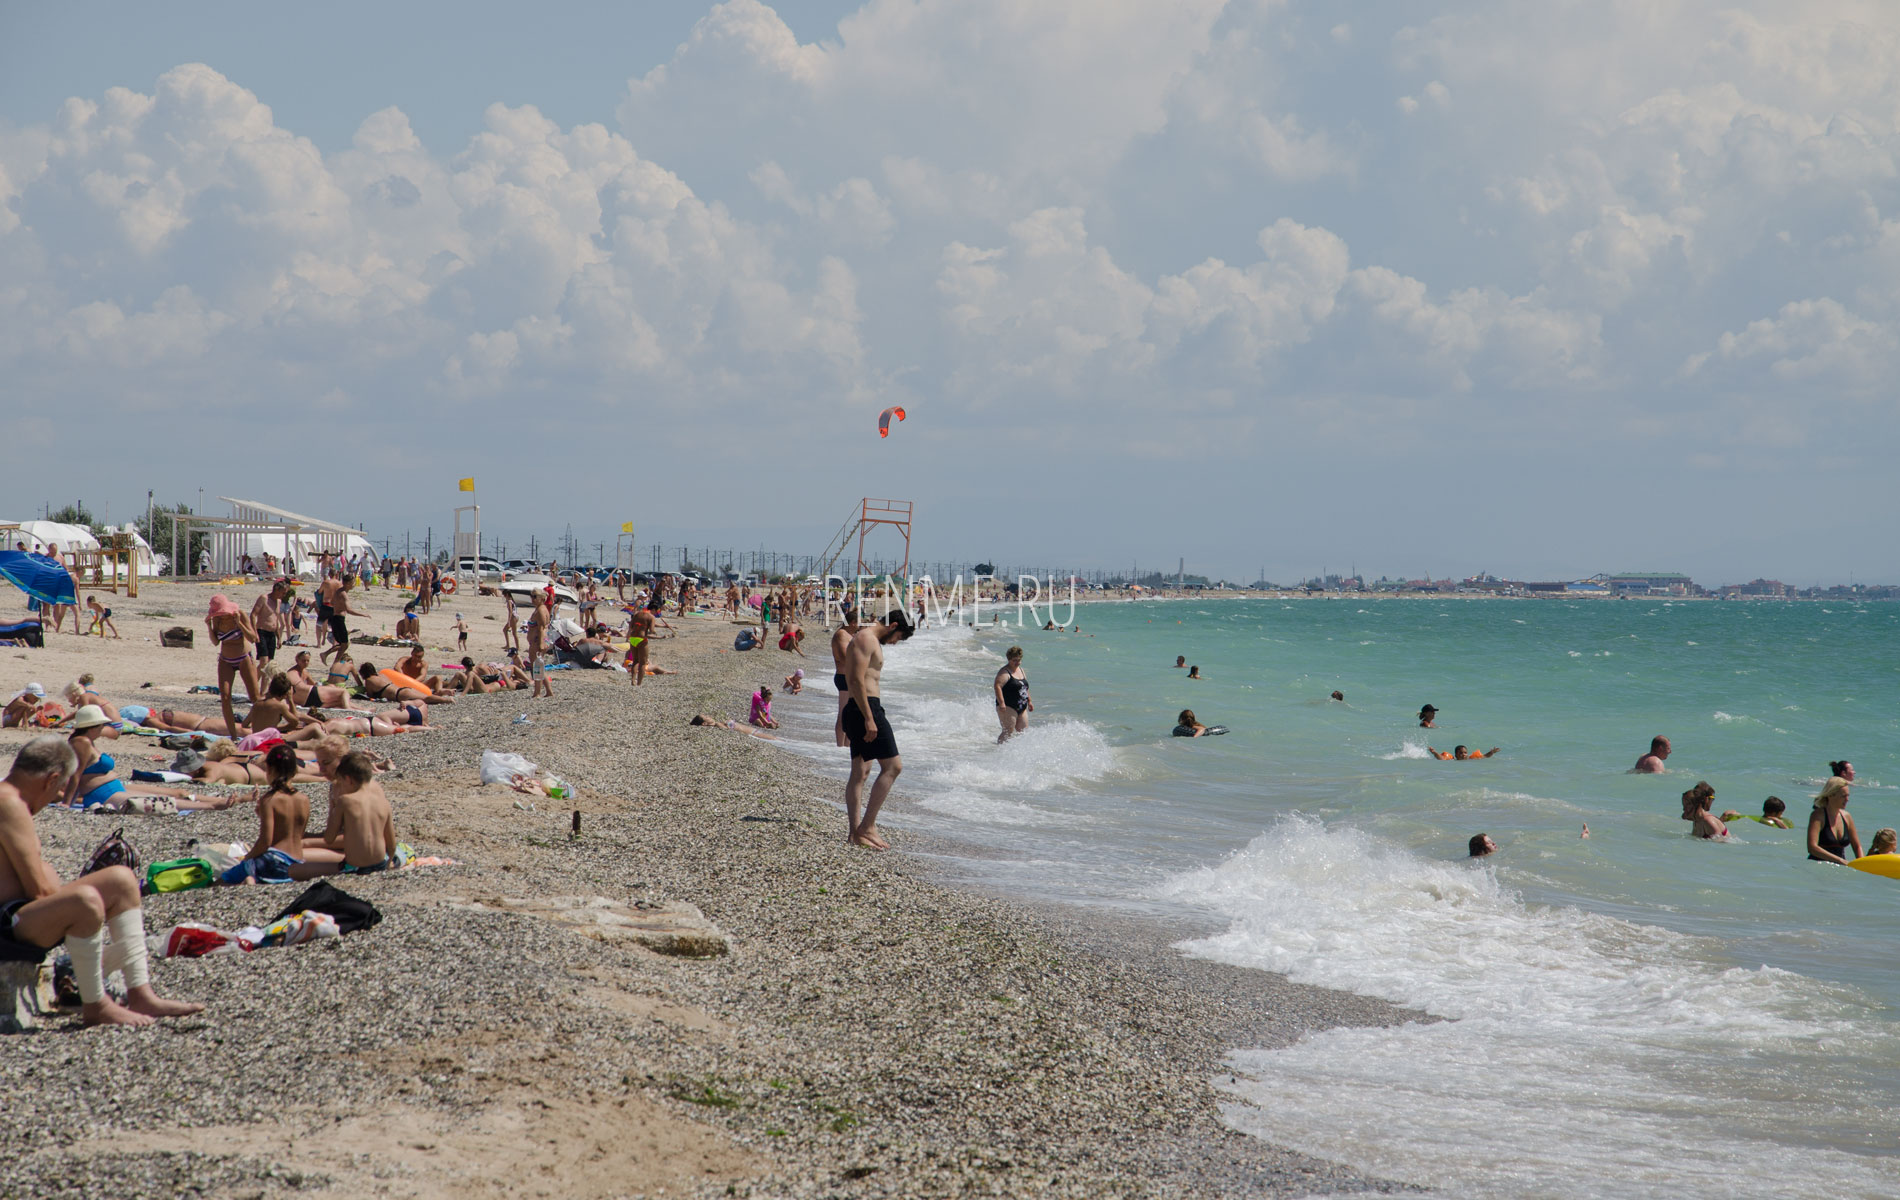 Галечный пляж Евпатории летом 2019. Фото Евпатории